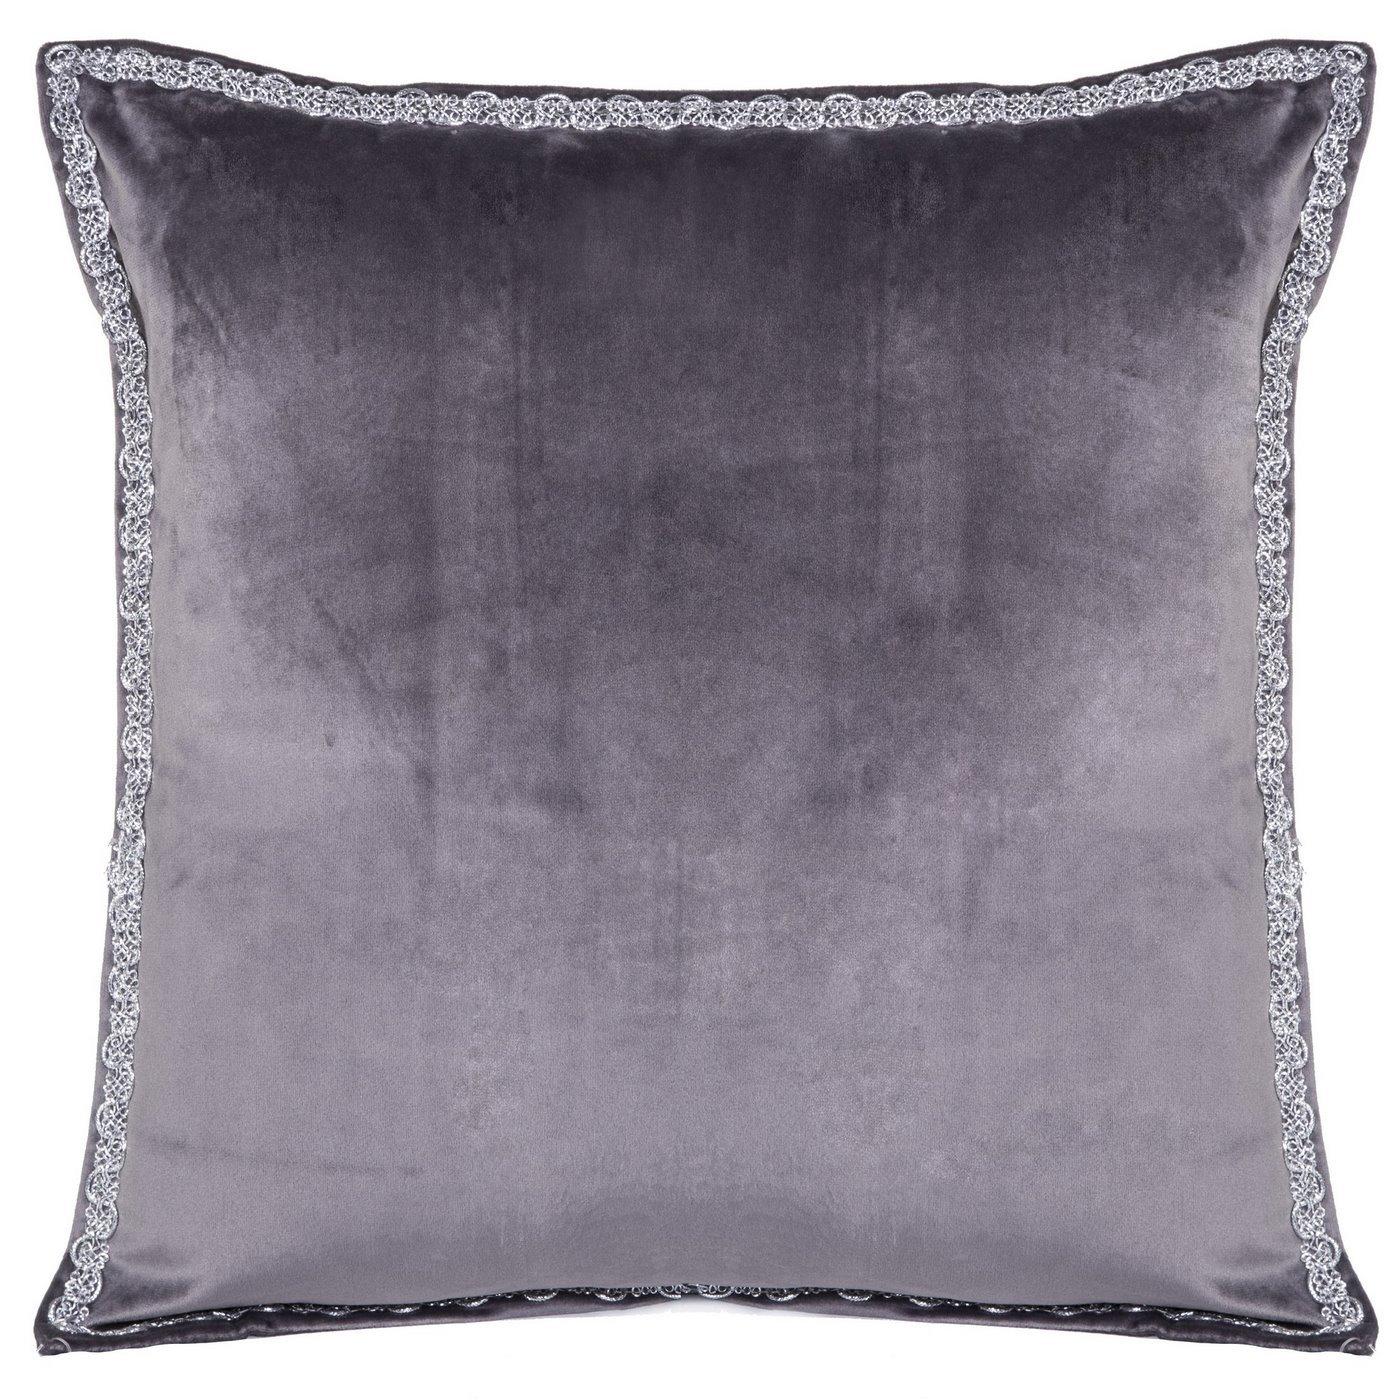 Elegancka poszewka na poduszkę ciemnoszara ze srebrnym wykończeniem 40 x 40 cm